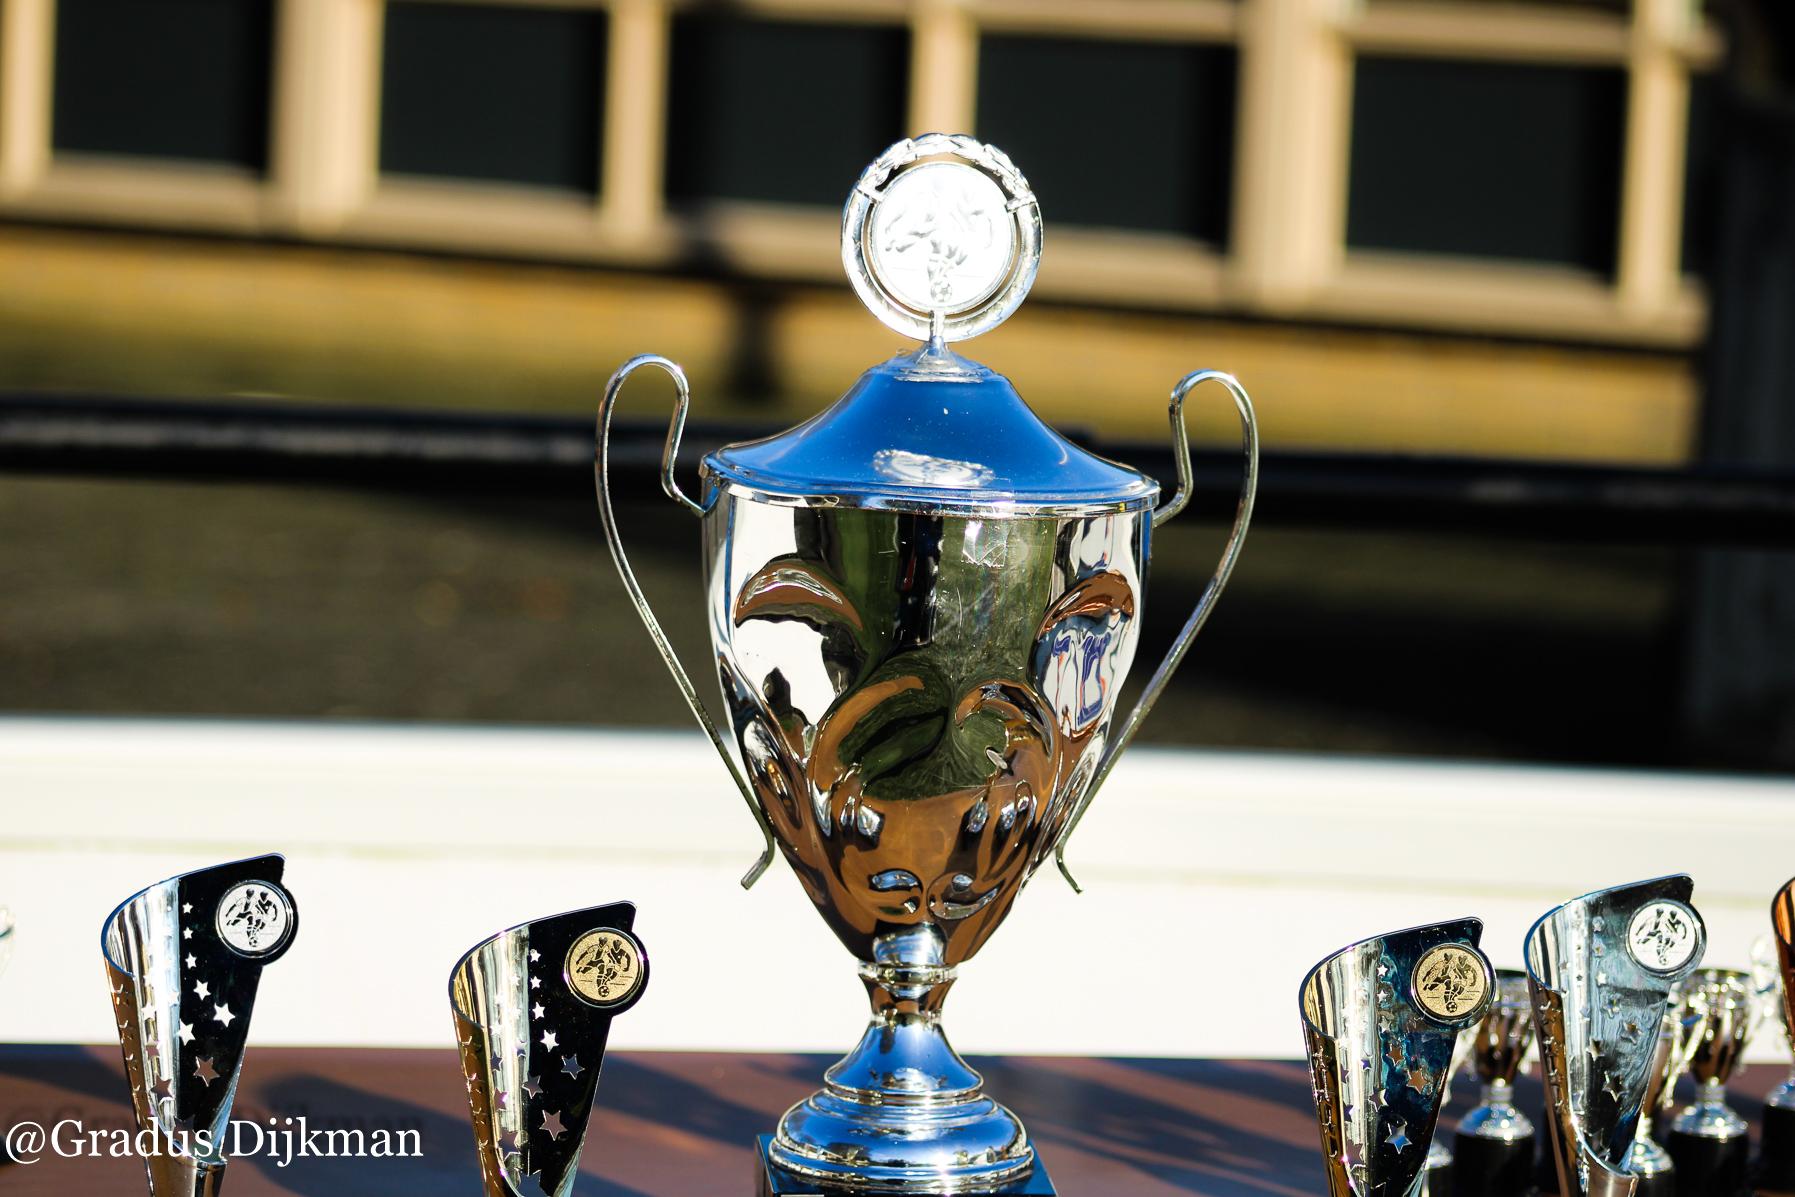 Prijsuitreiking Champions League Mini's